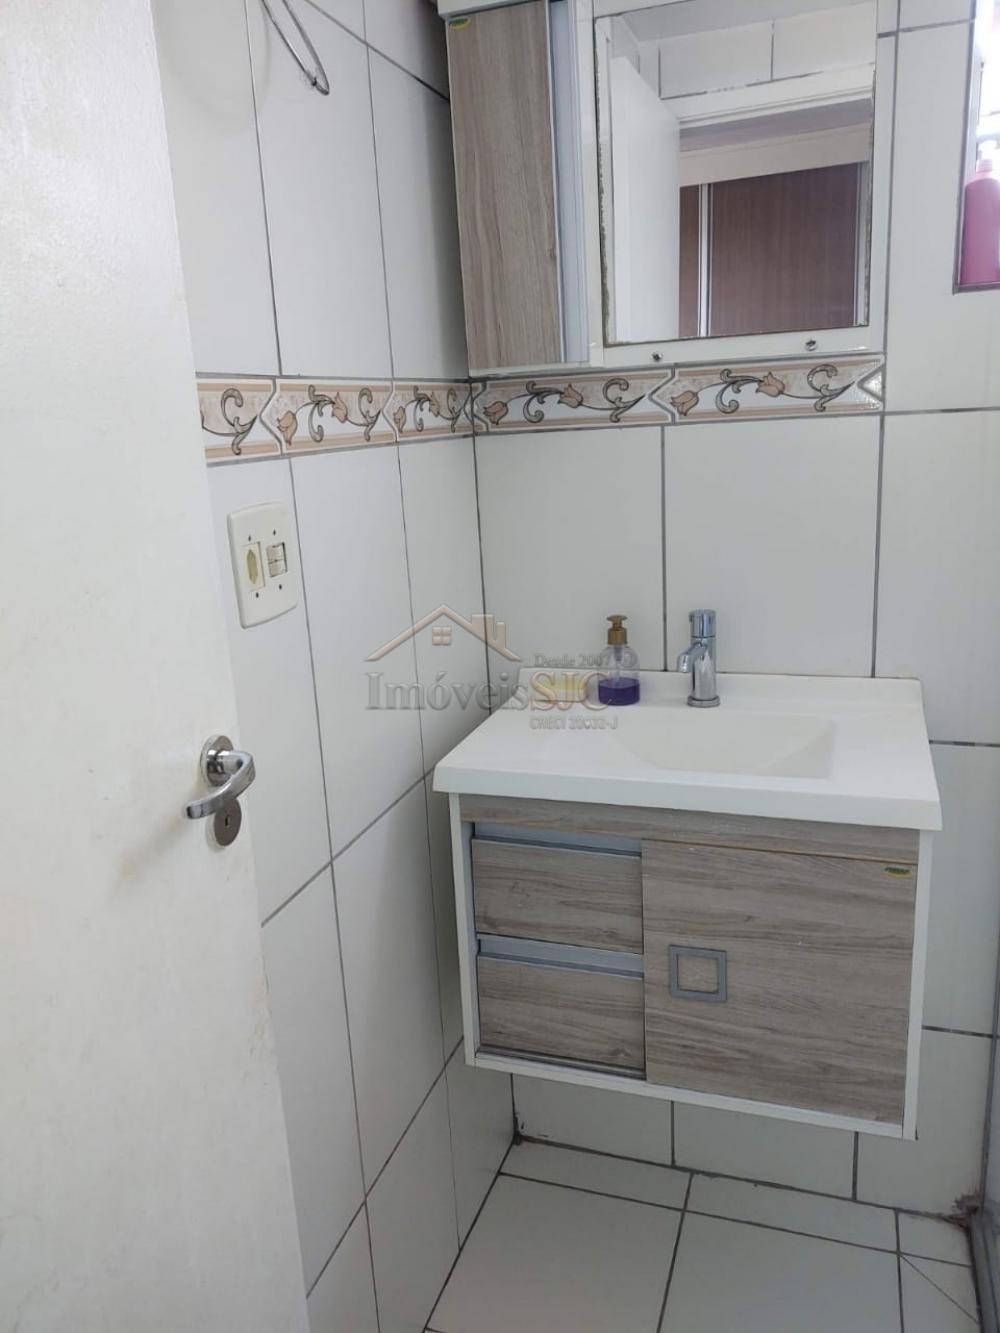 Comprar Apartamentos / Padrão em São José dos Campos apenas R$ 213.000,00 - Foto 5